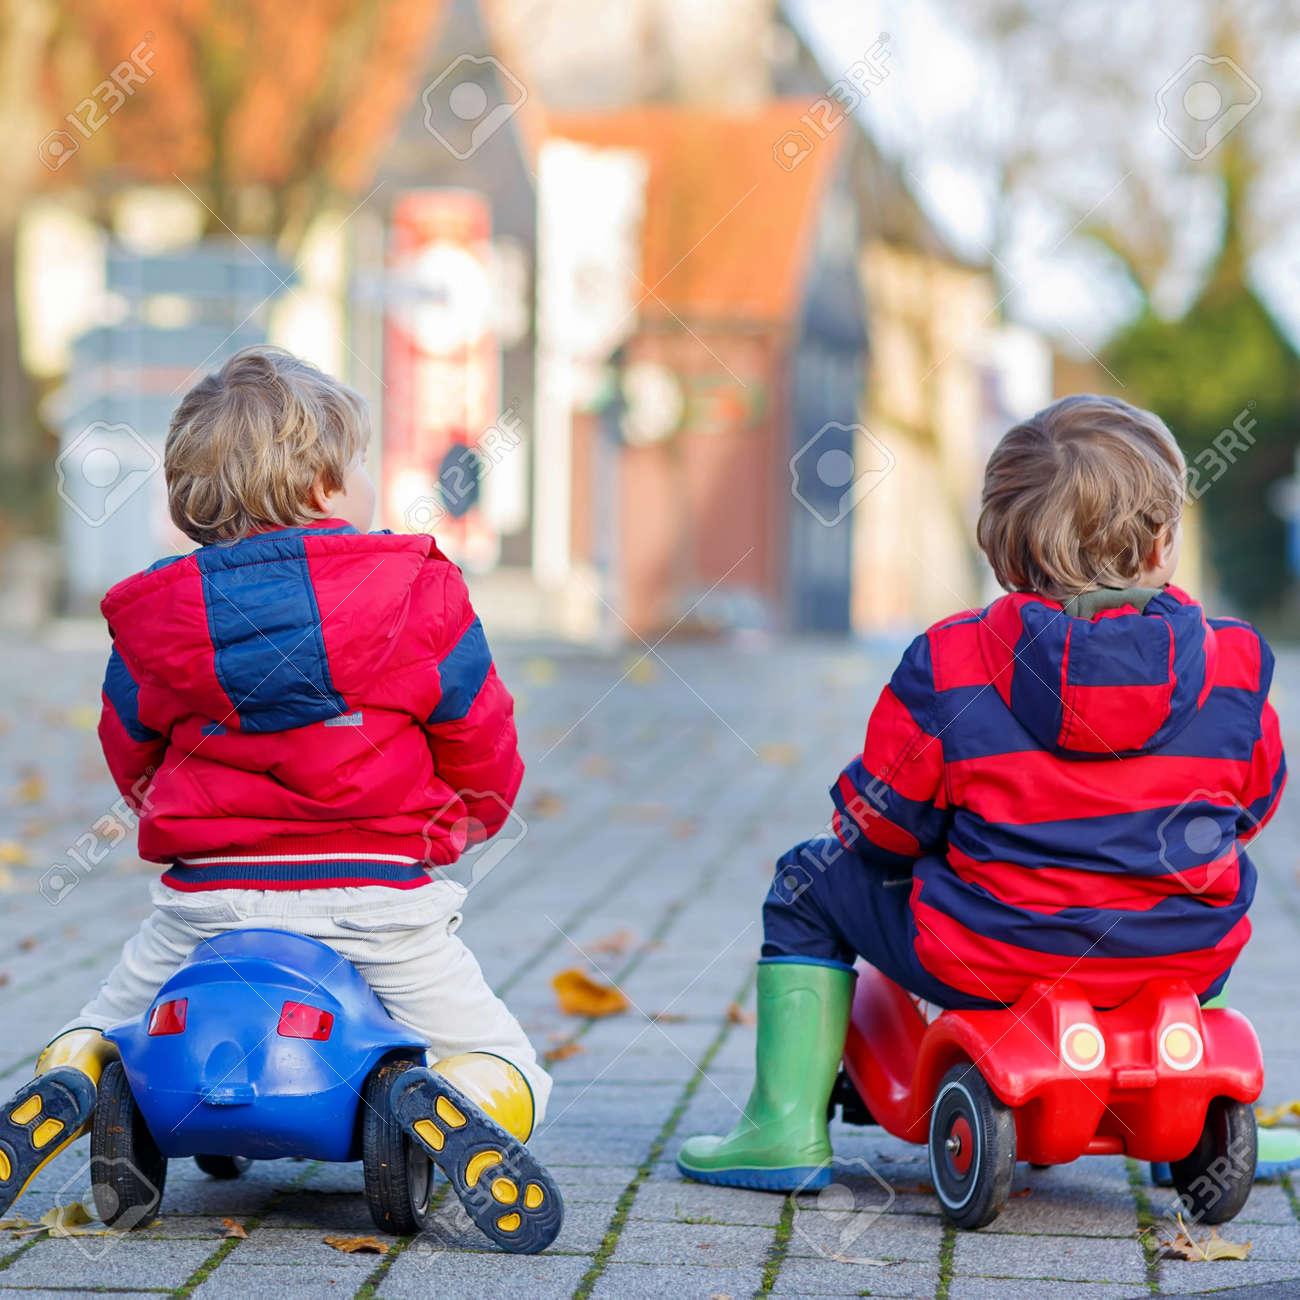 Niños Chaquetas Botas Lluvia Rojas Pequeños Y En Dos De dHxwBaa